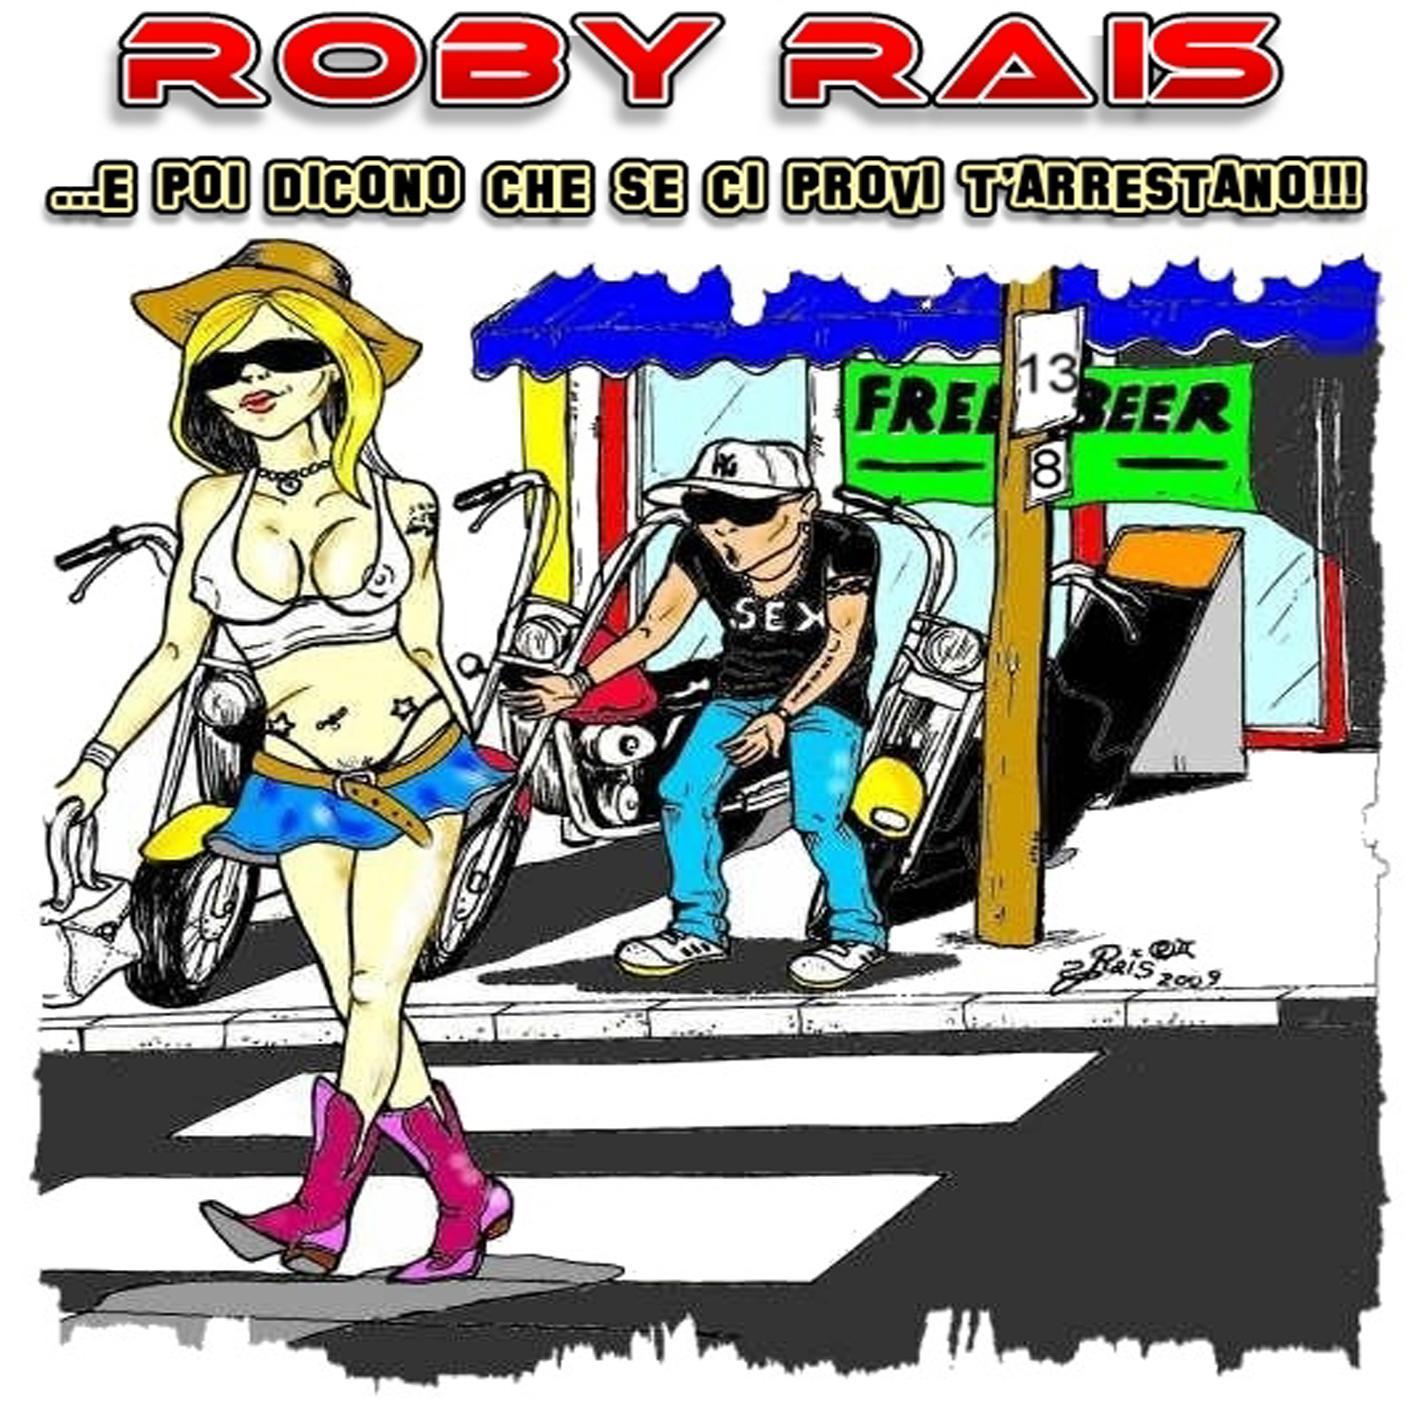 ROBY RAIS E poi dicono che se ci provi ti arrestano!!!